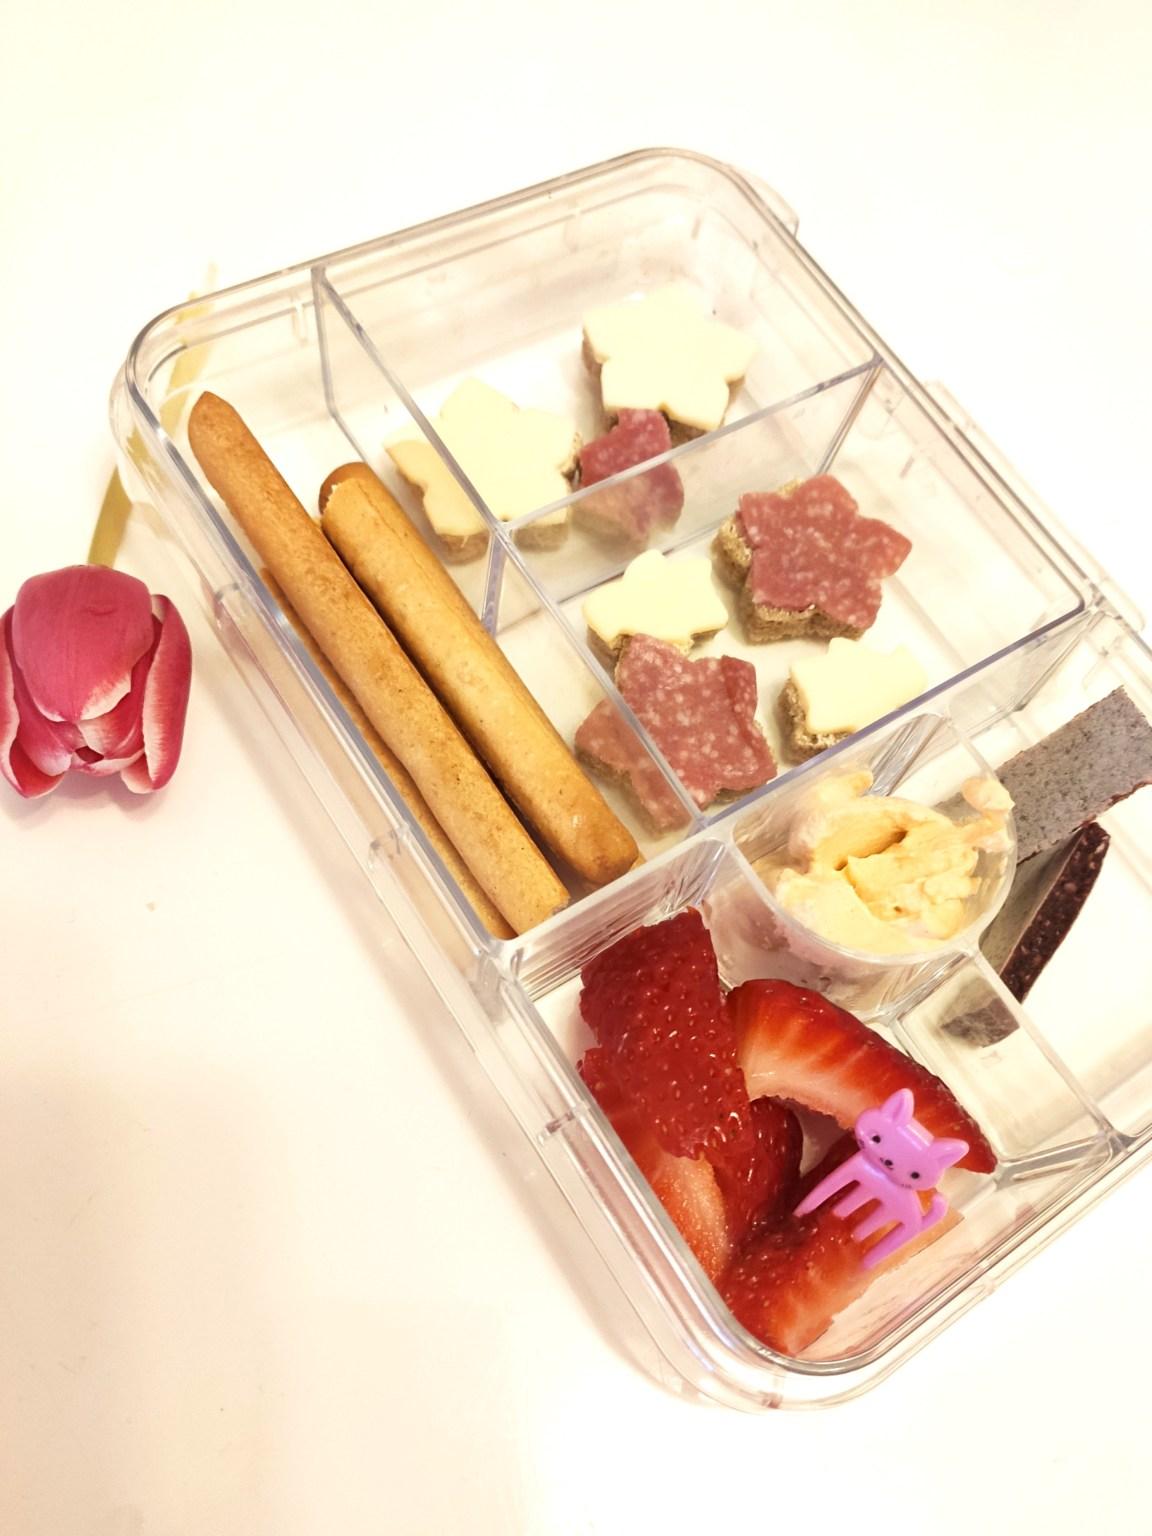 Brotdose mit Spundekäs, Erdbeeren und Knabberstangen